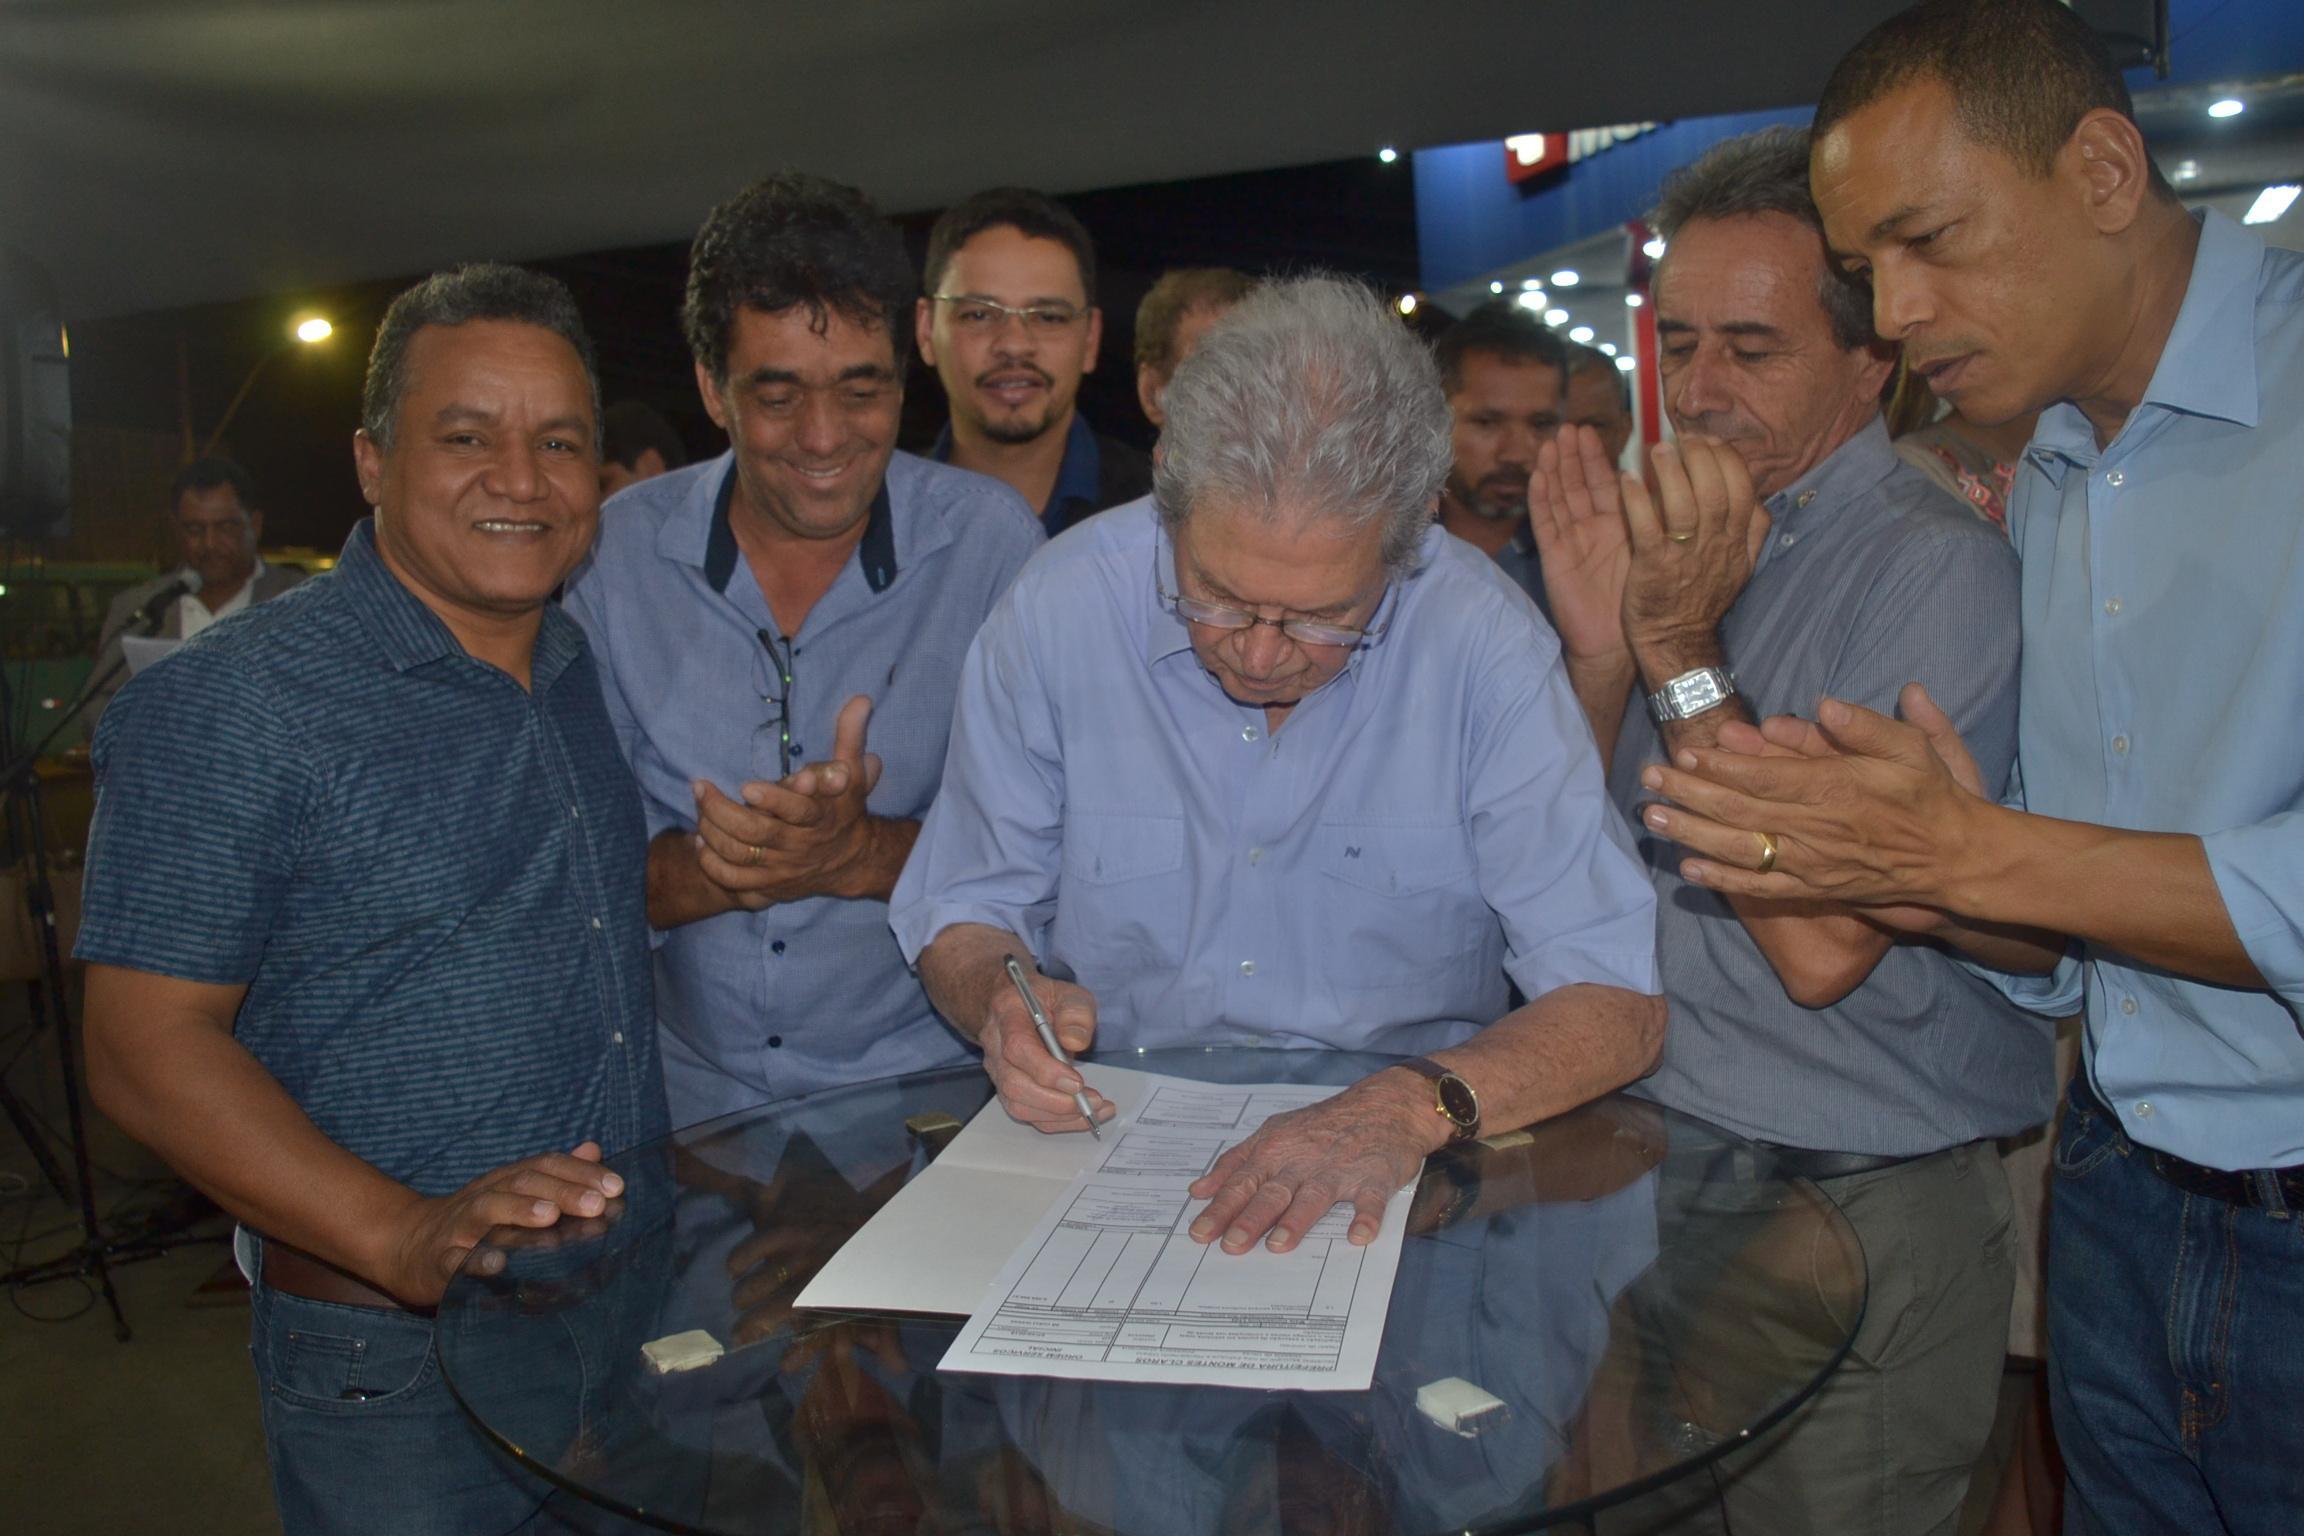 Imagem de destaque COMPLEXO VIÁRIO JOÃO XXIII - Assinada a ordem de serviço para o início das obras